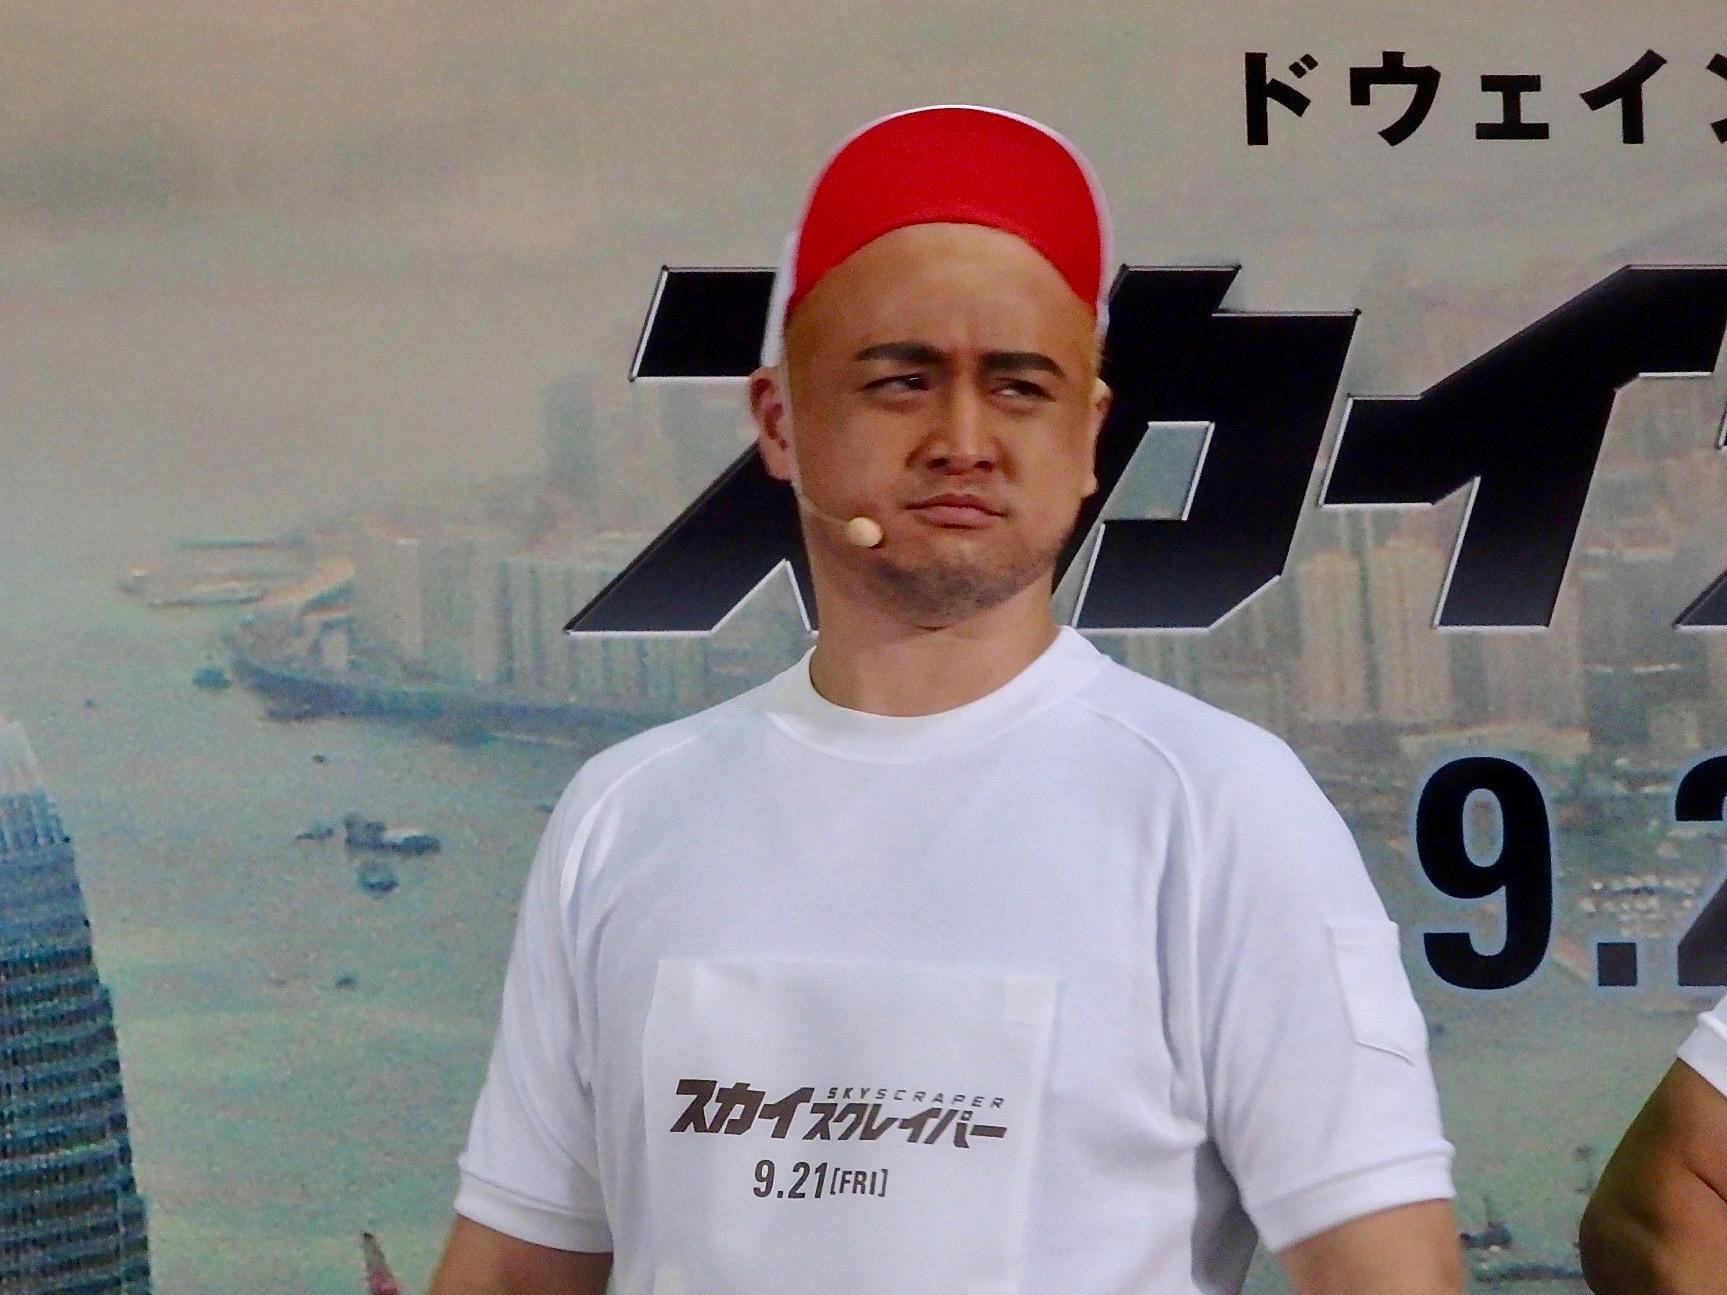 http://news.yoshimoto.co.jp/20180911175243-a9216605ccbedb62752c3ffaf76e023f2330d26f.jpg